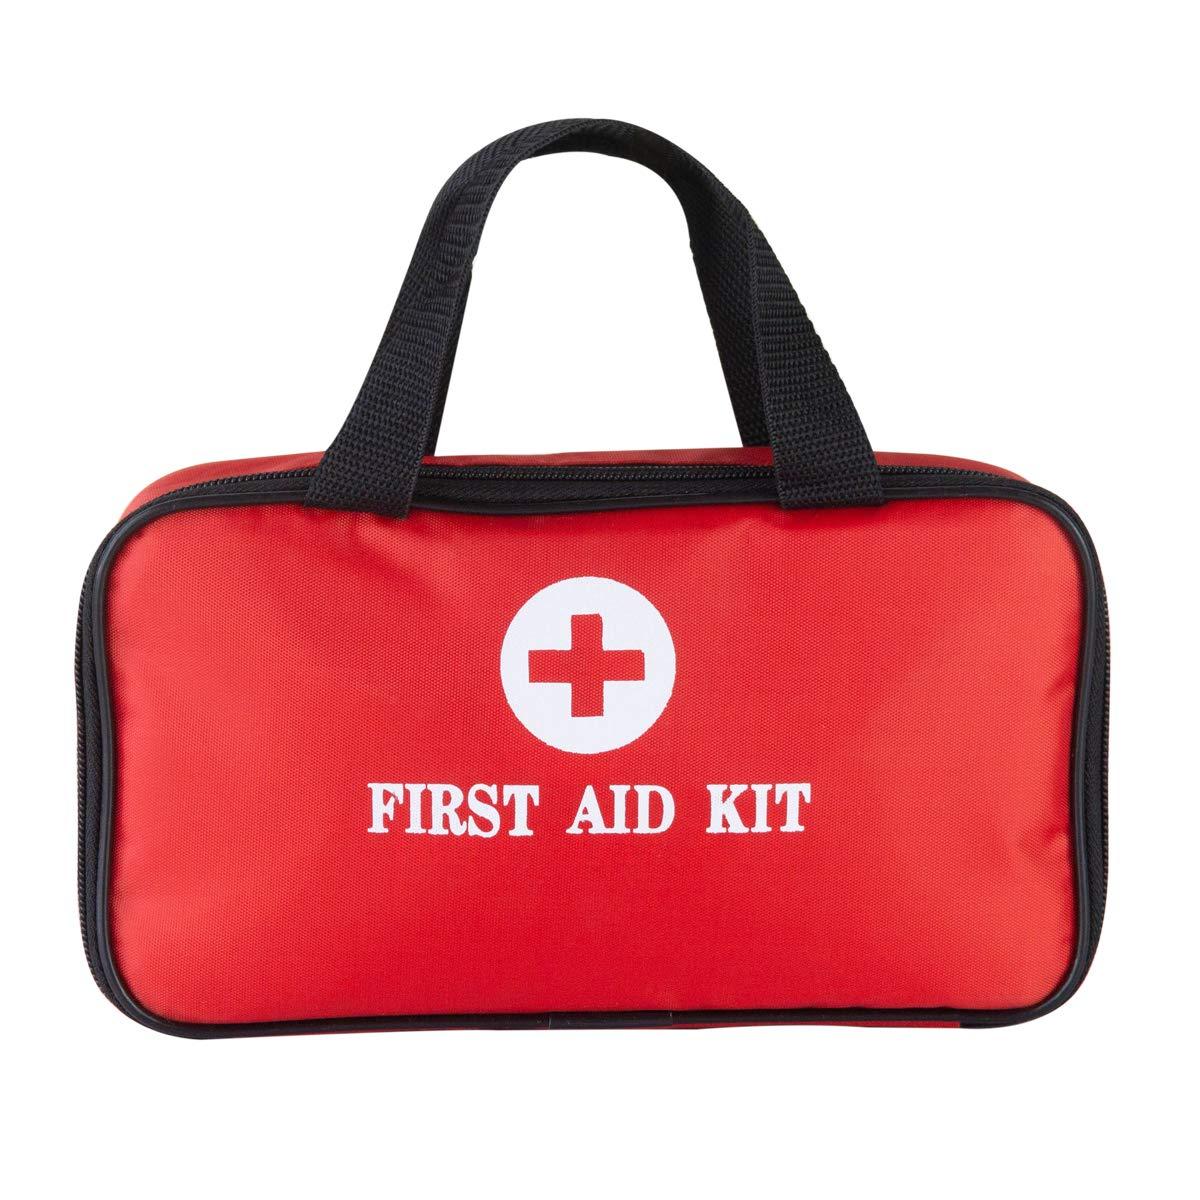 Hethrone 139 pcs Premium First Aid Bag Includes Various Necessities